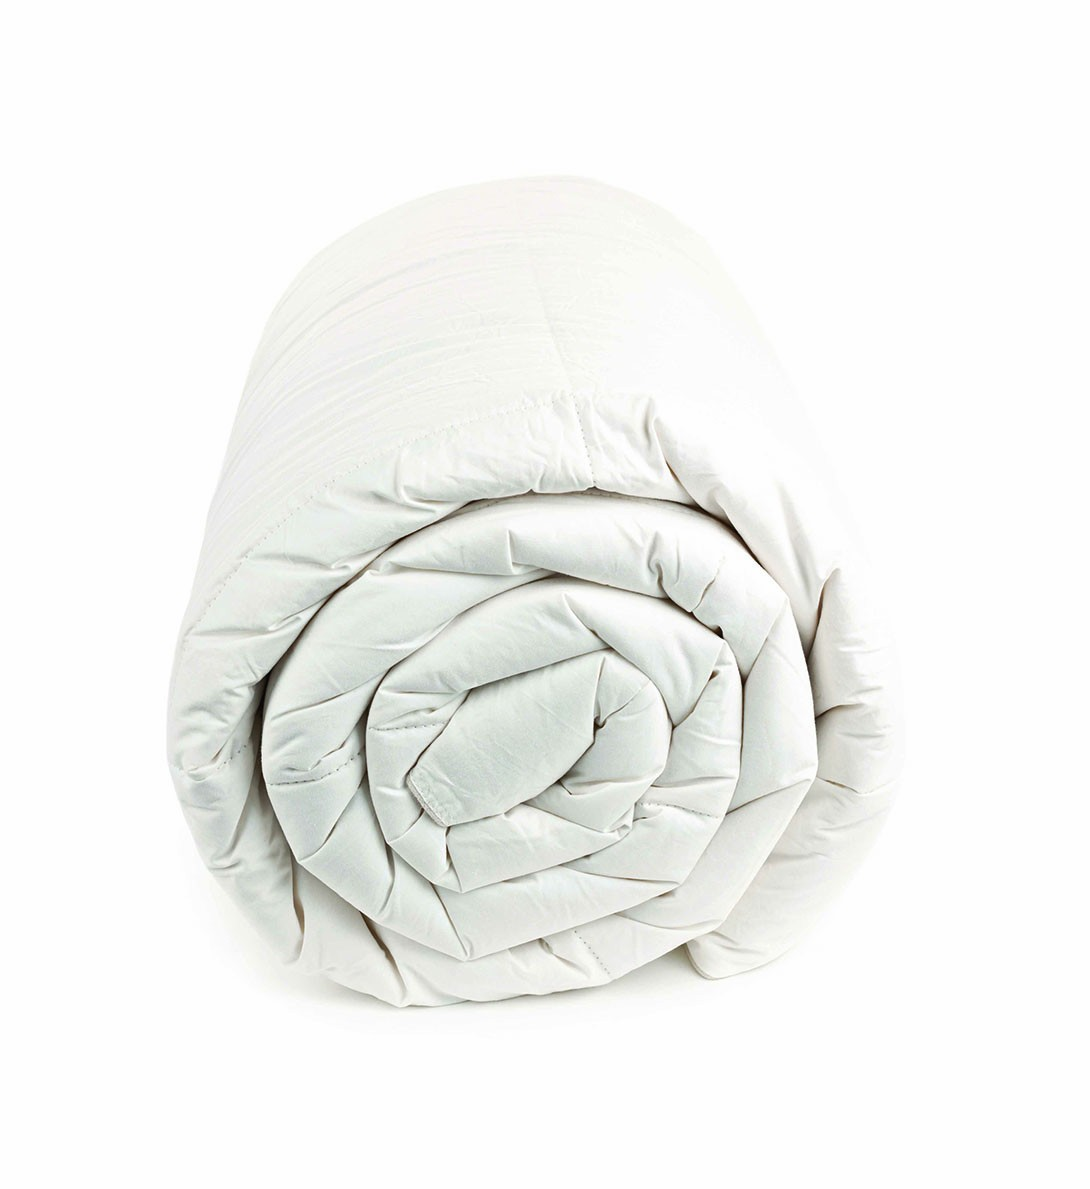 Πάπλωμα Υπέρδιπλο Makis Tselios Fiber/Perkal home   κρεβατοκάμαρα   παπλώματα   παπλώματα λευκά